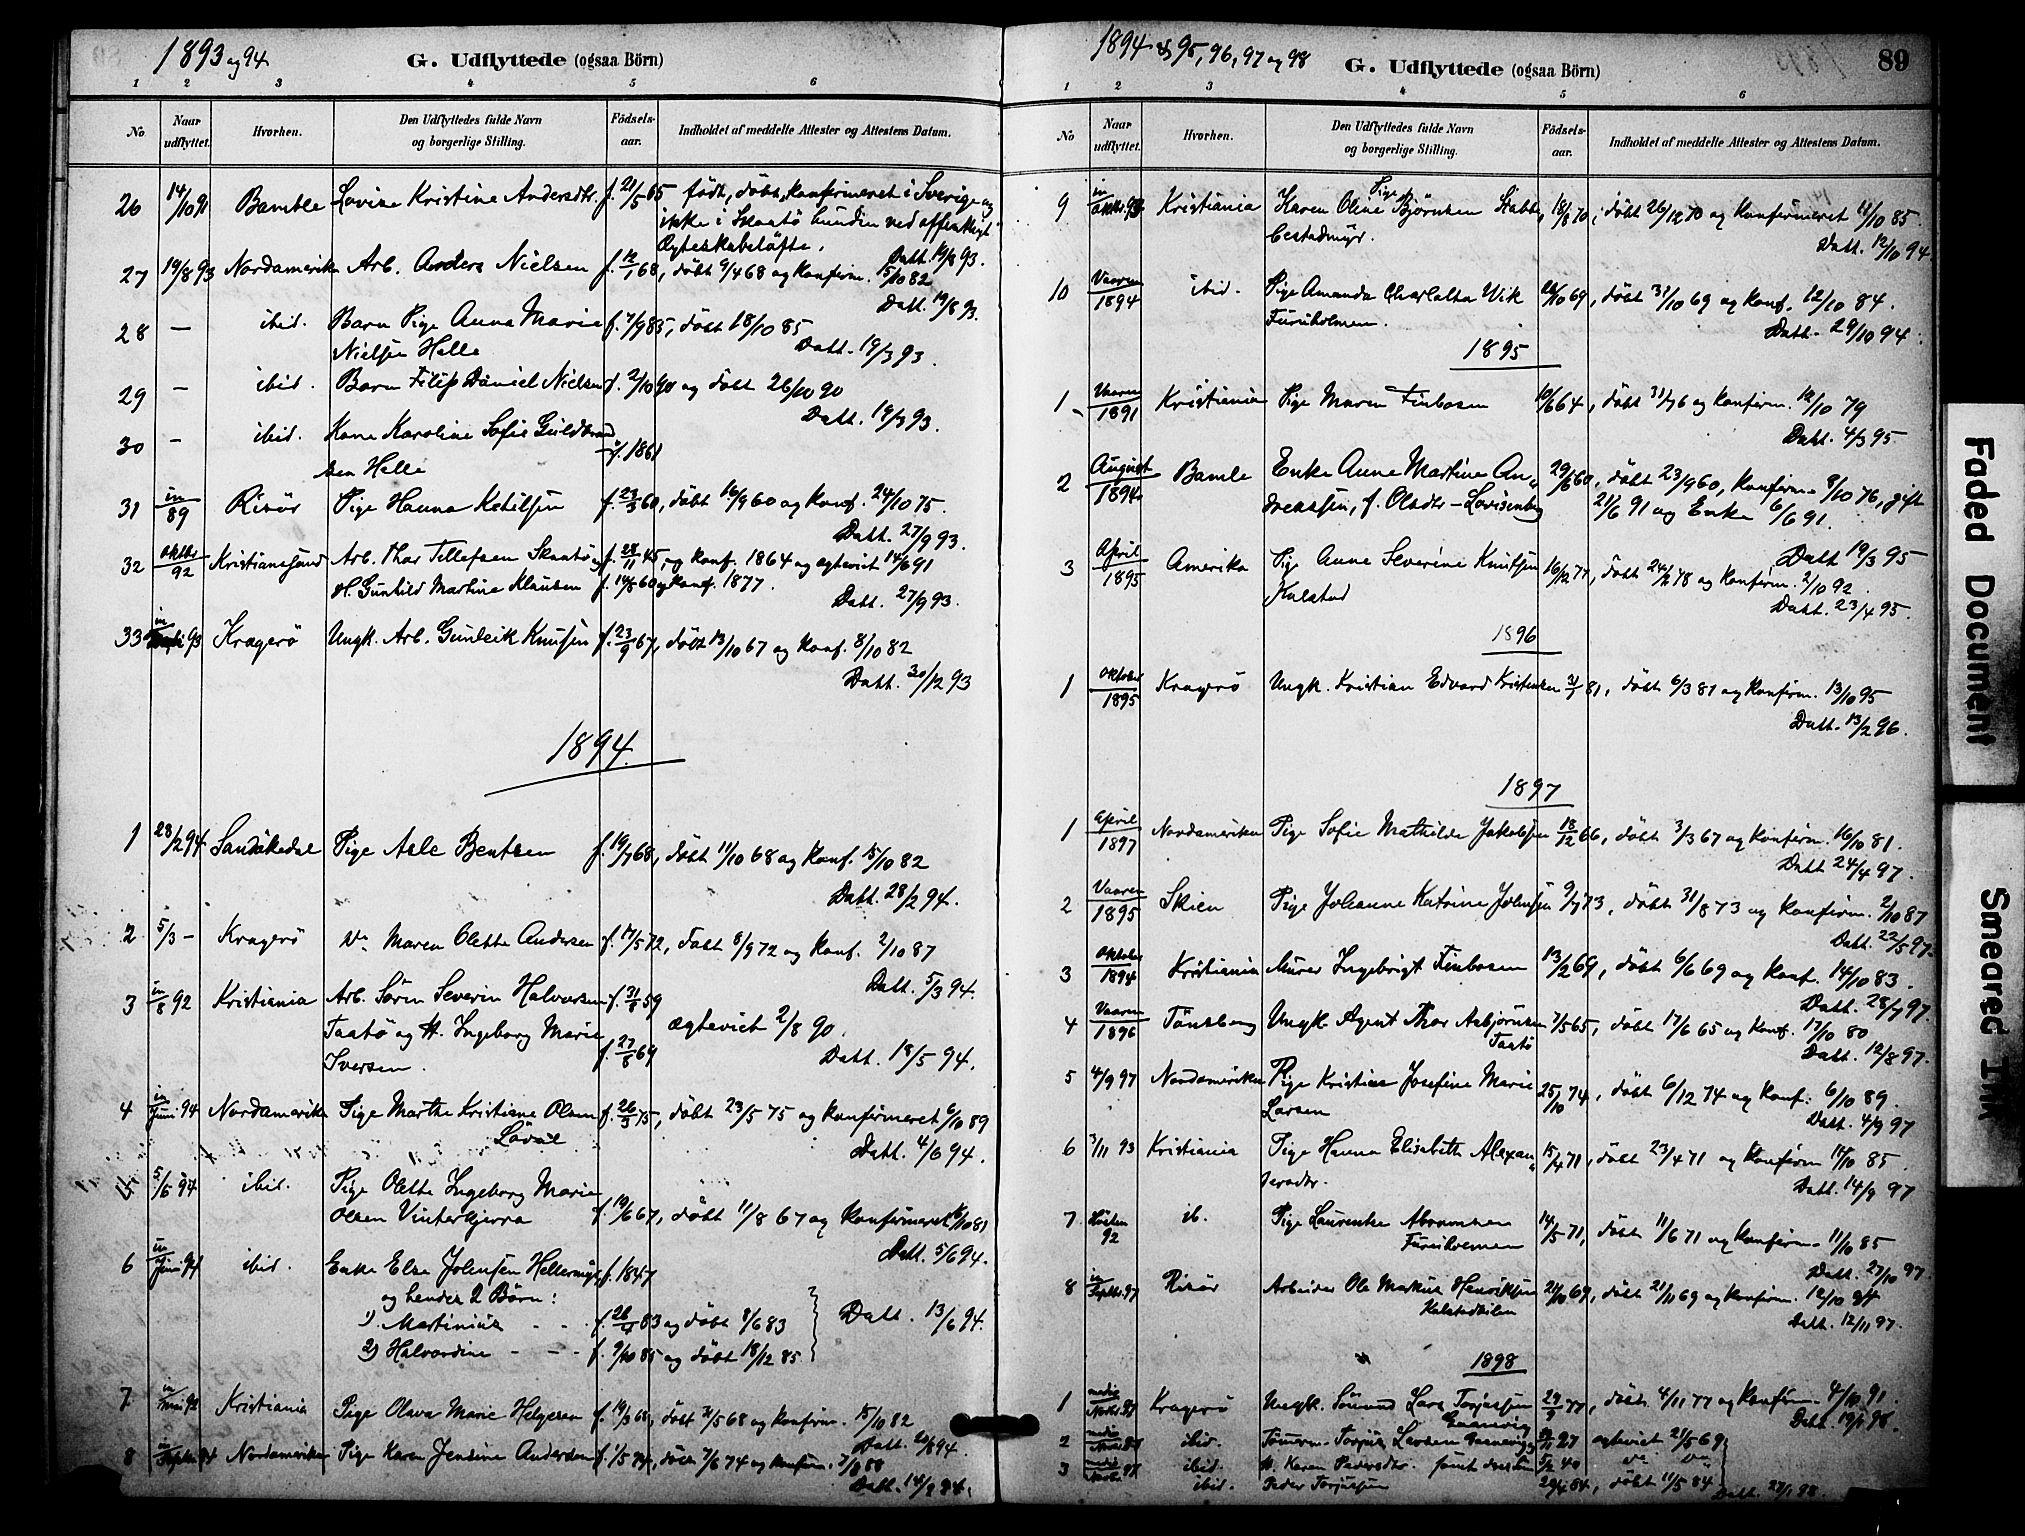 SAKO, Skåtøy kirkebøker, F/Fa/L0004: Ministerialbok nr. I 4, 1884-1900, s. 89